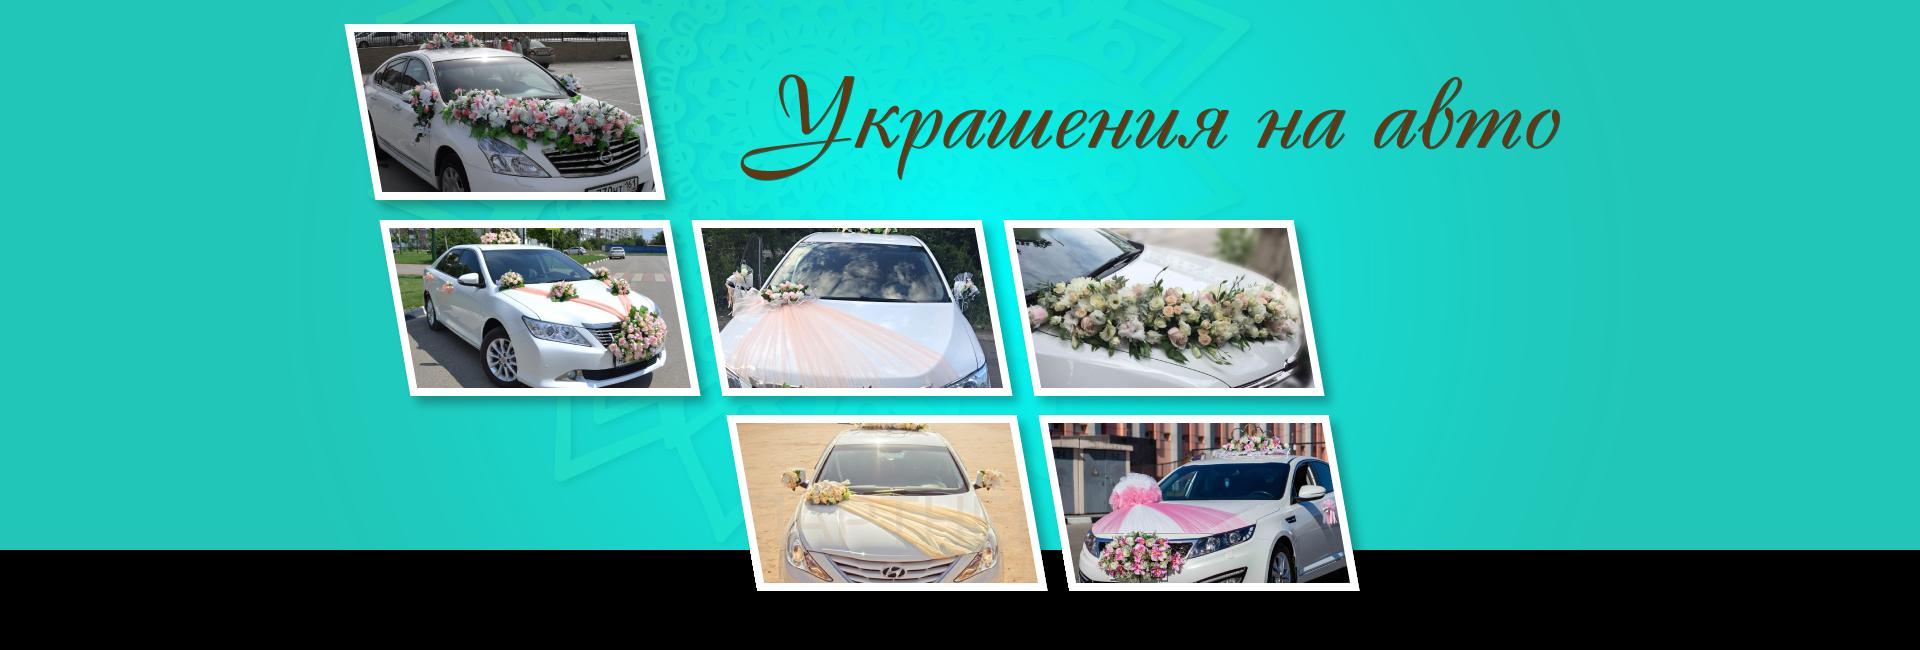 Как украсить машину на свадьбу: советы и тренды